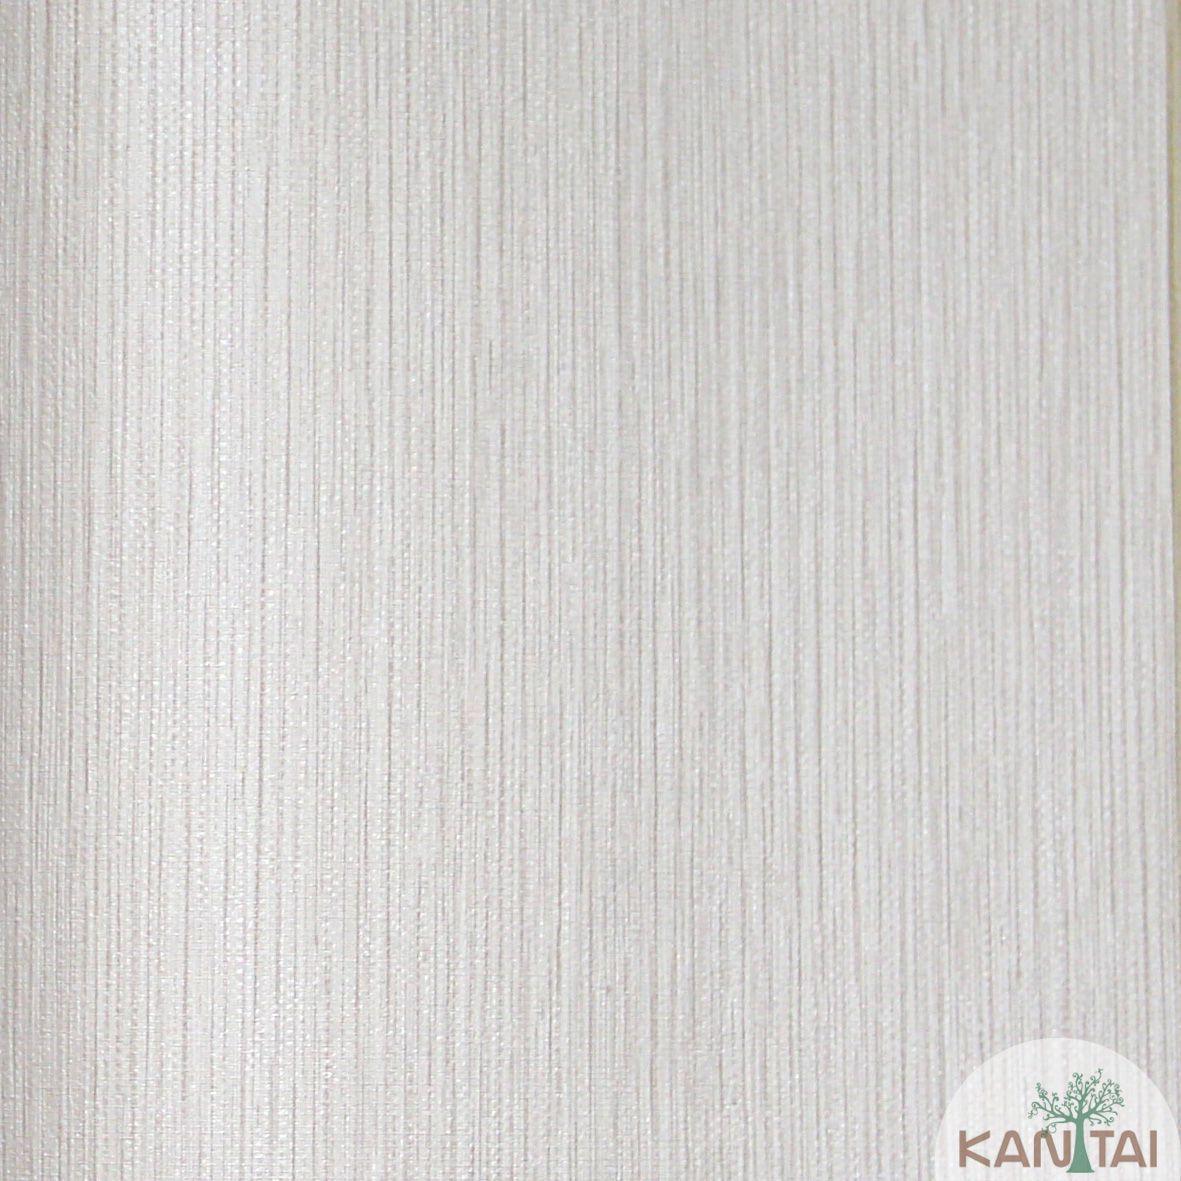 Papel de Parede Importado  Kan Tai  TNT Coleção Grace Textura Riscas Verticais Bege